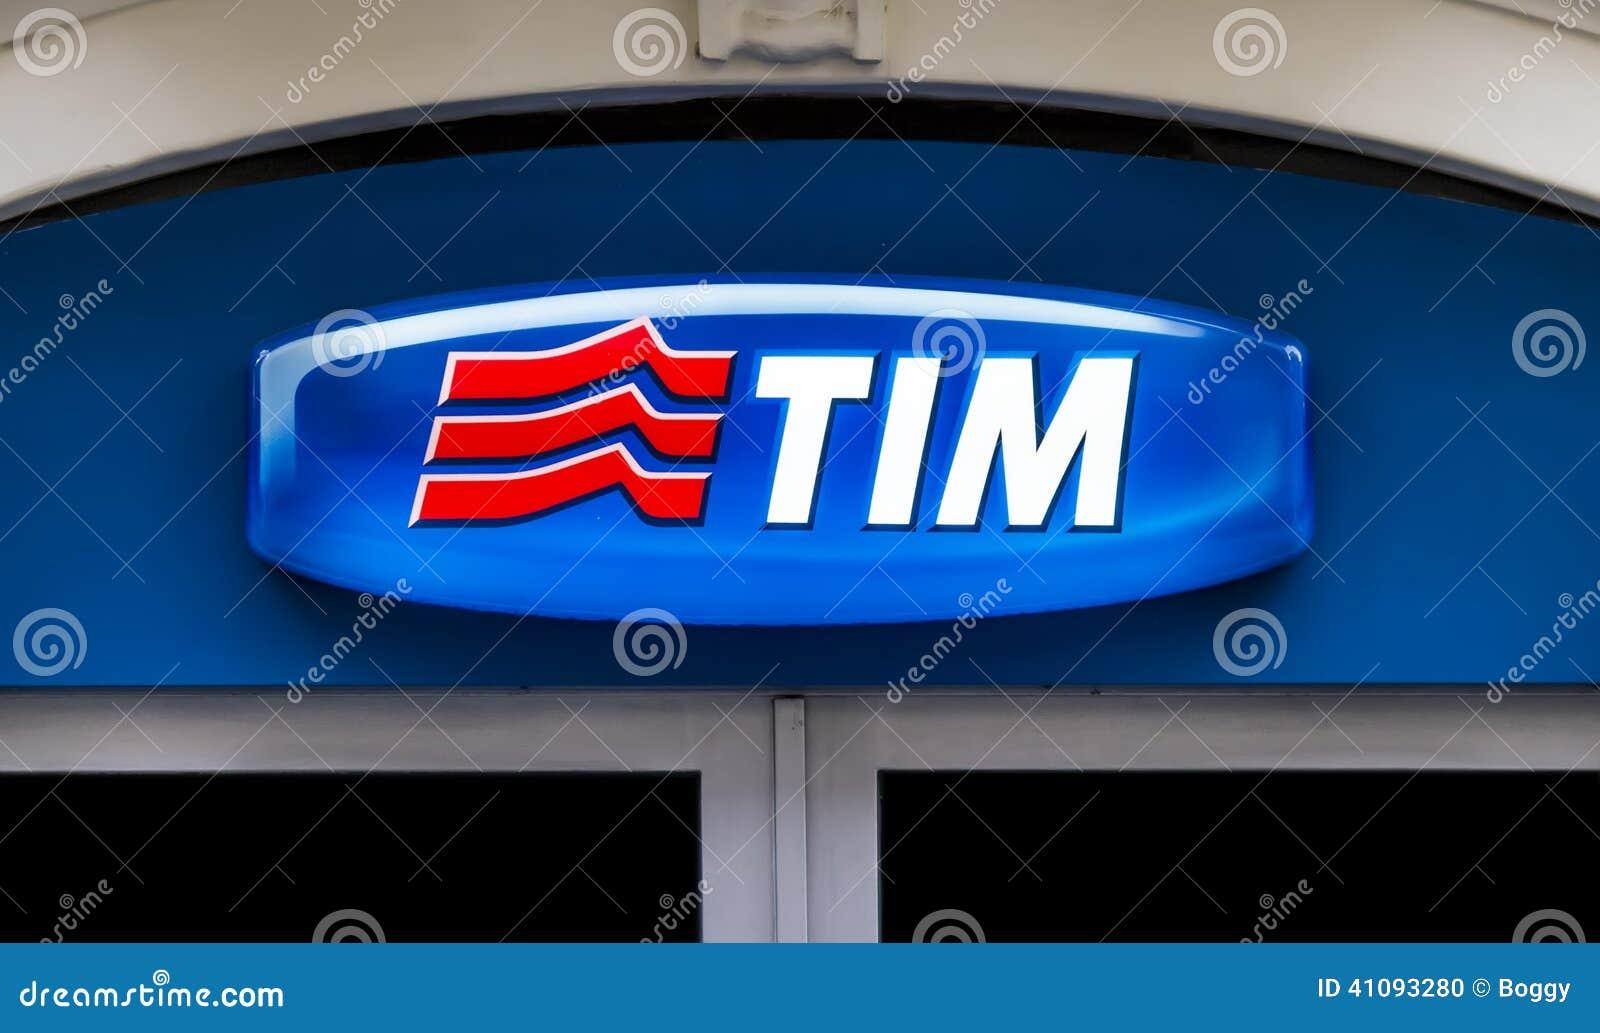 Telecom italia mobile editorial image image 41093280 for Italia mobile